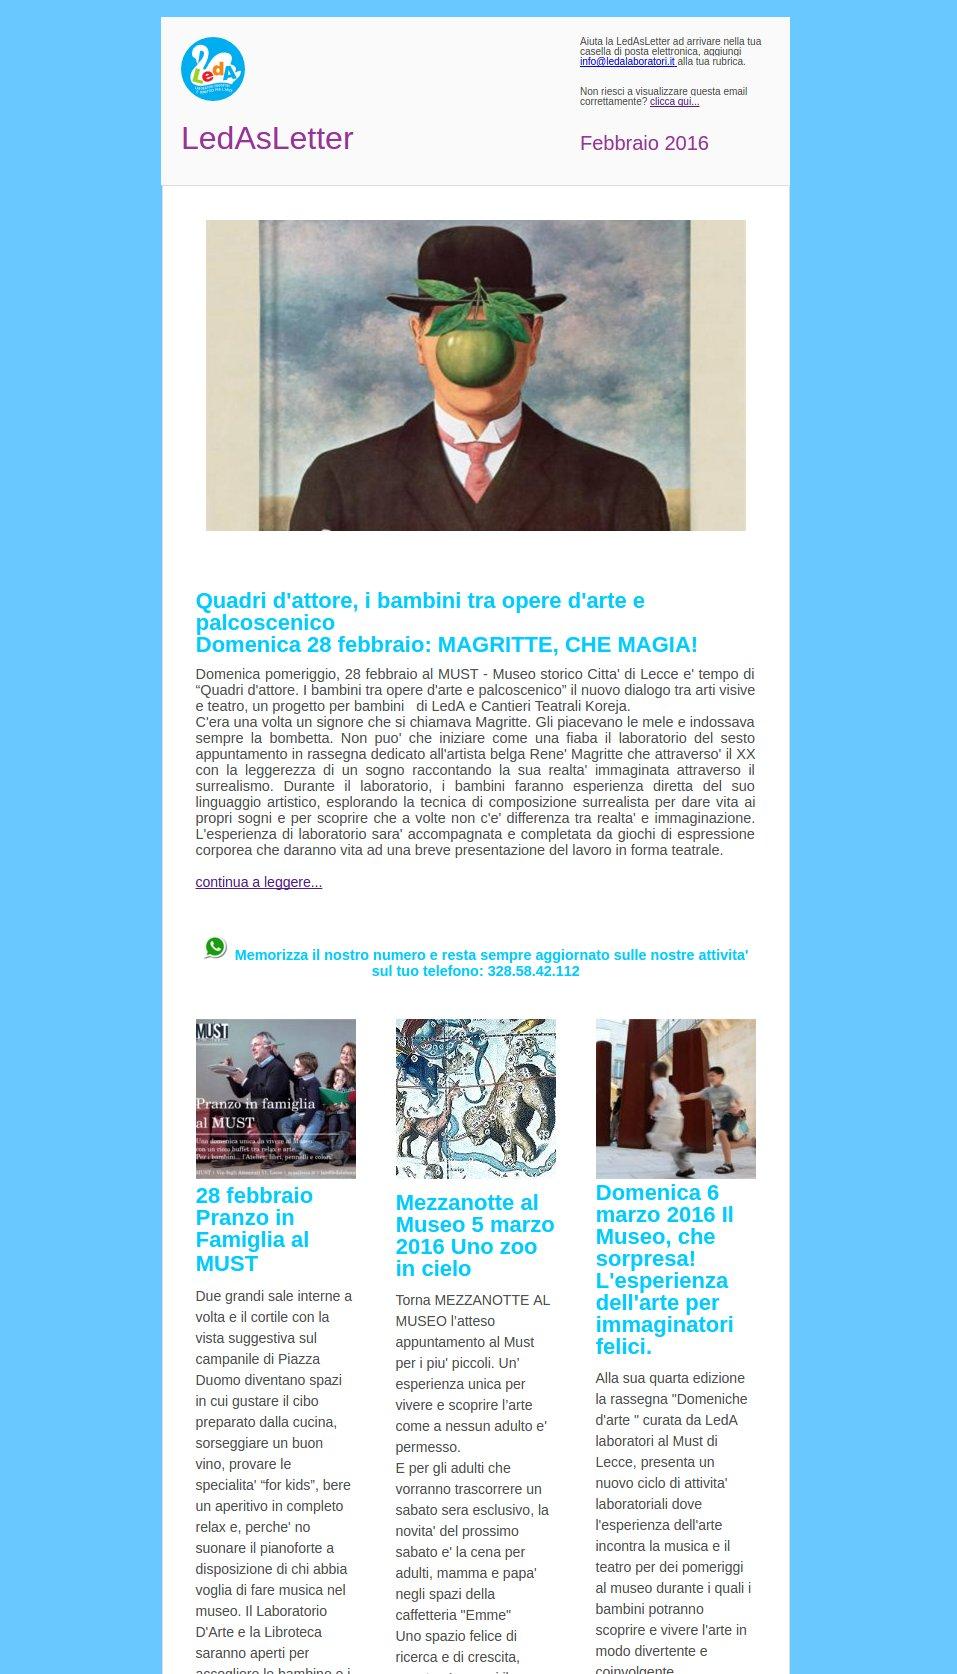 Newsletter LedA Laboratori: LedasLetter